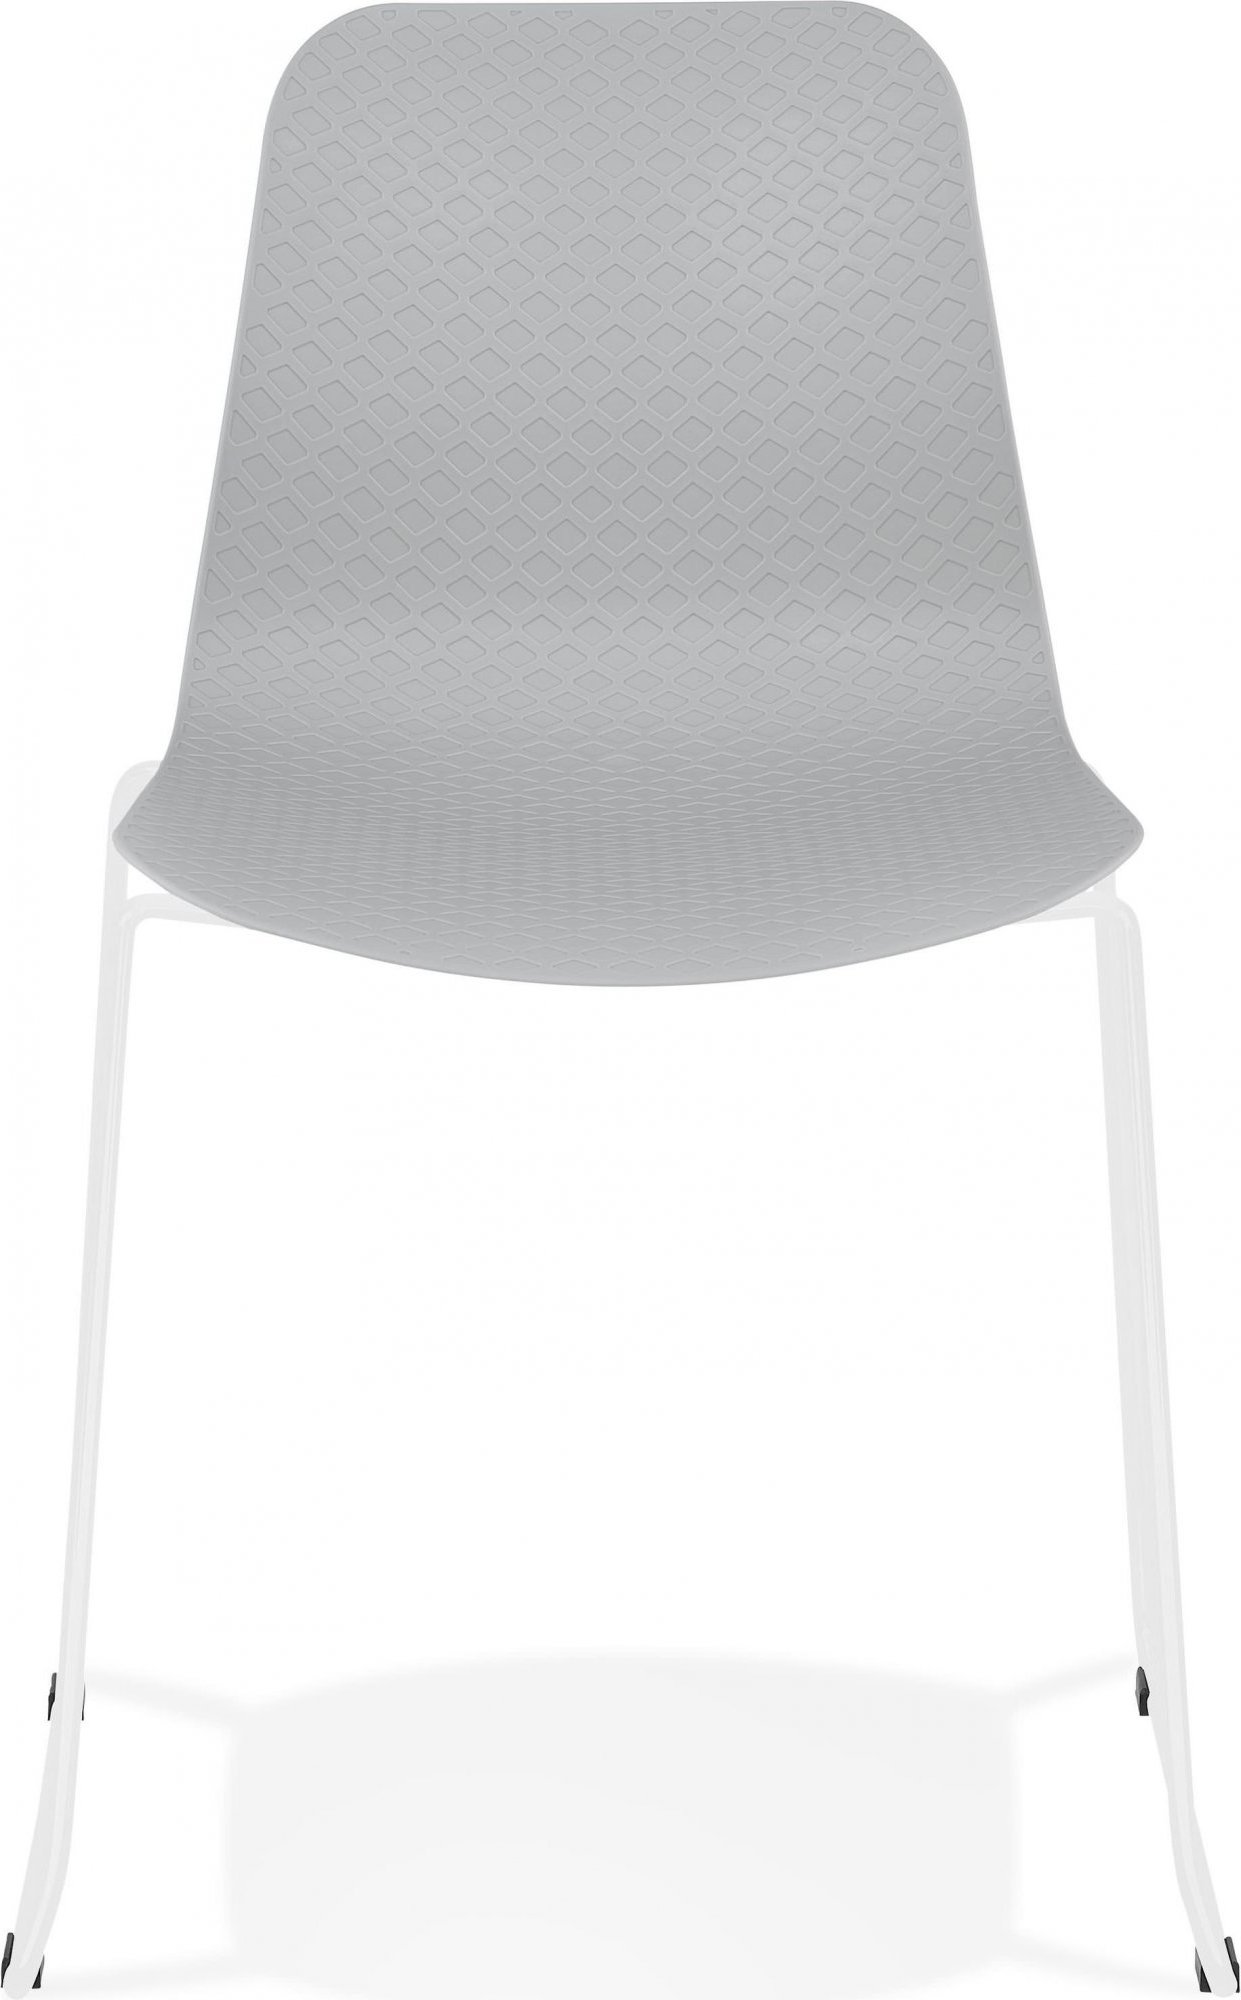 Chaise de table design assise couleur gris pieds blanc